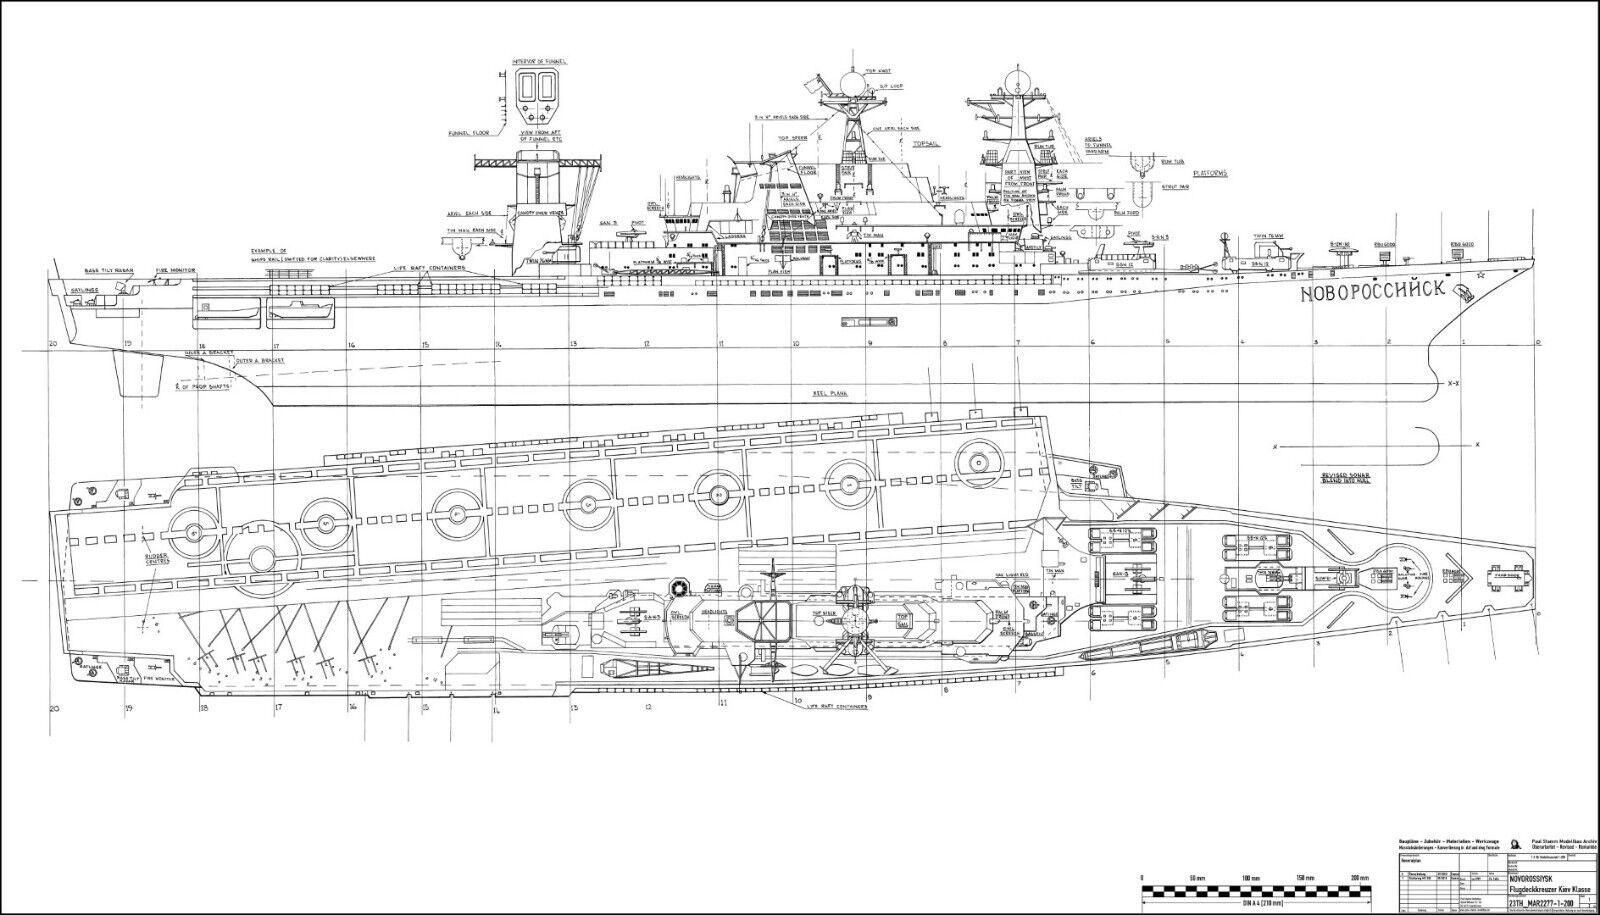 NOVgoldSSIJSK, Kreuzer der der der russischen Kiev Klasse. Modellbauplan M 1 200 41e966